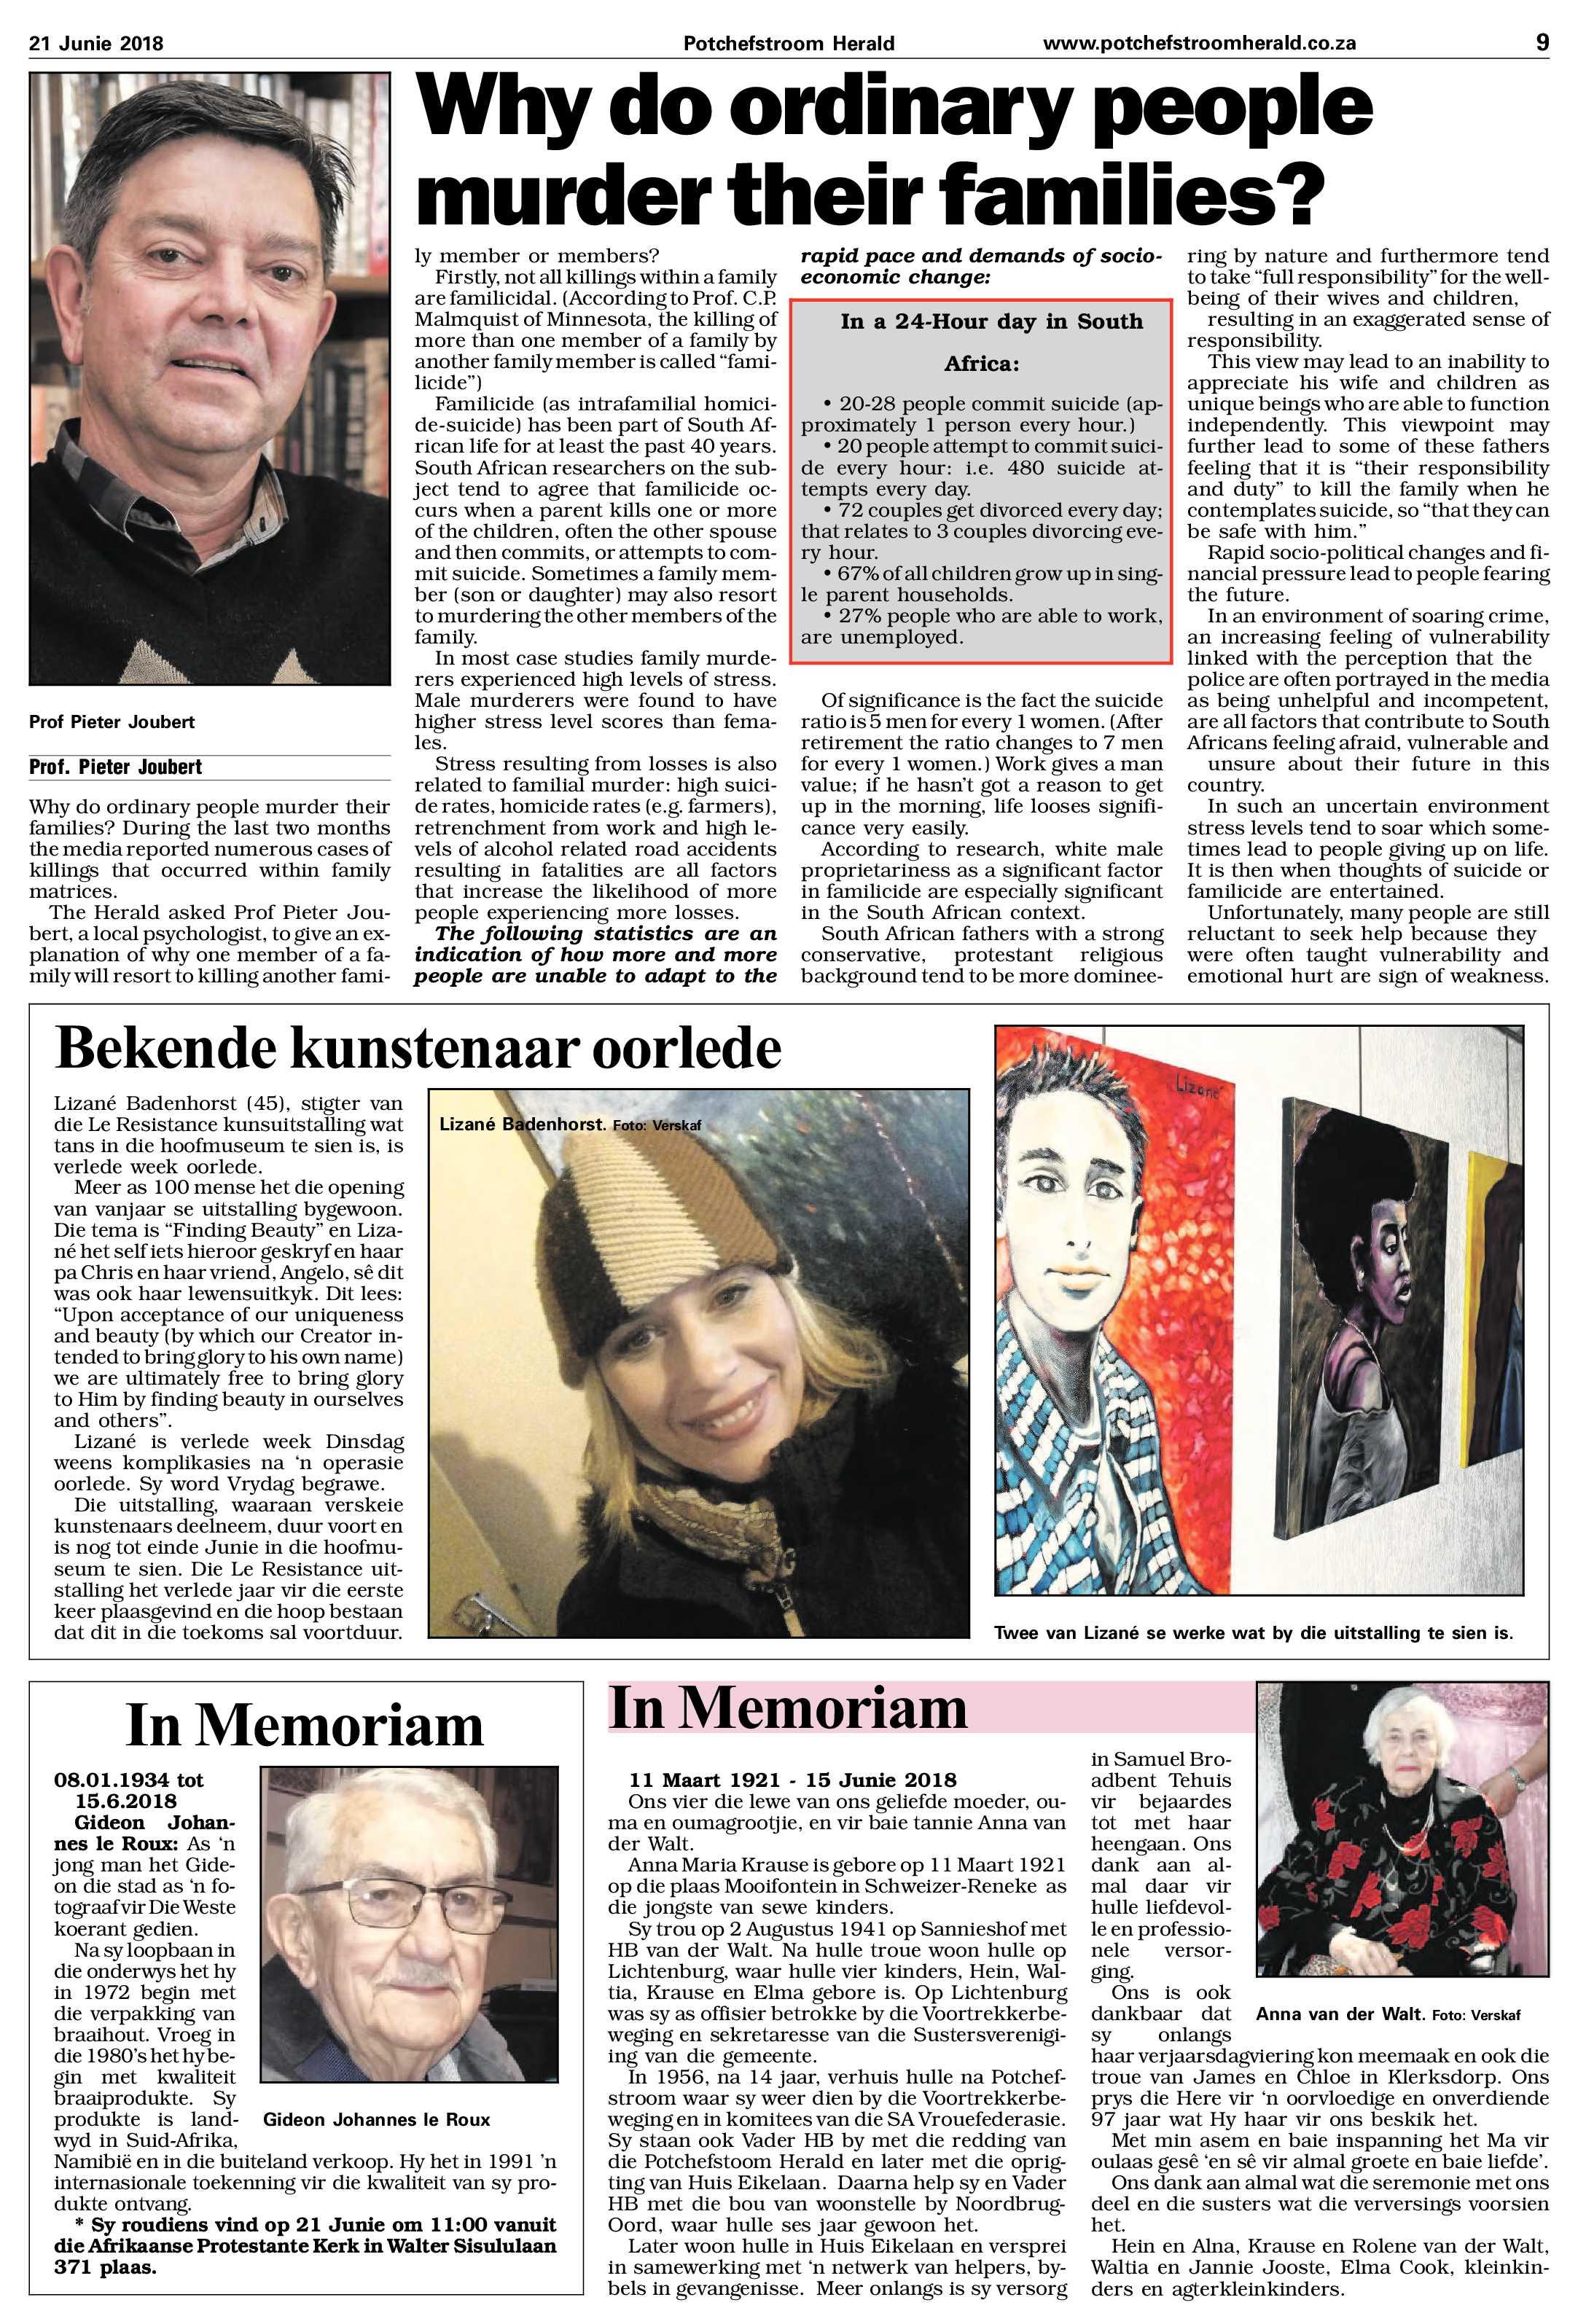 21-junie-2018-epapers-page-9